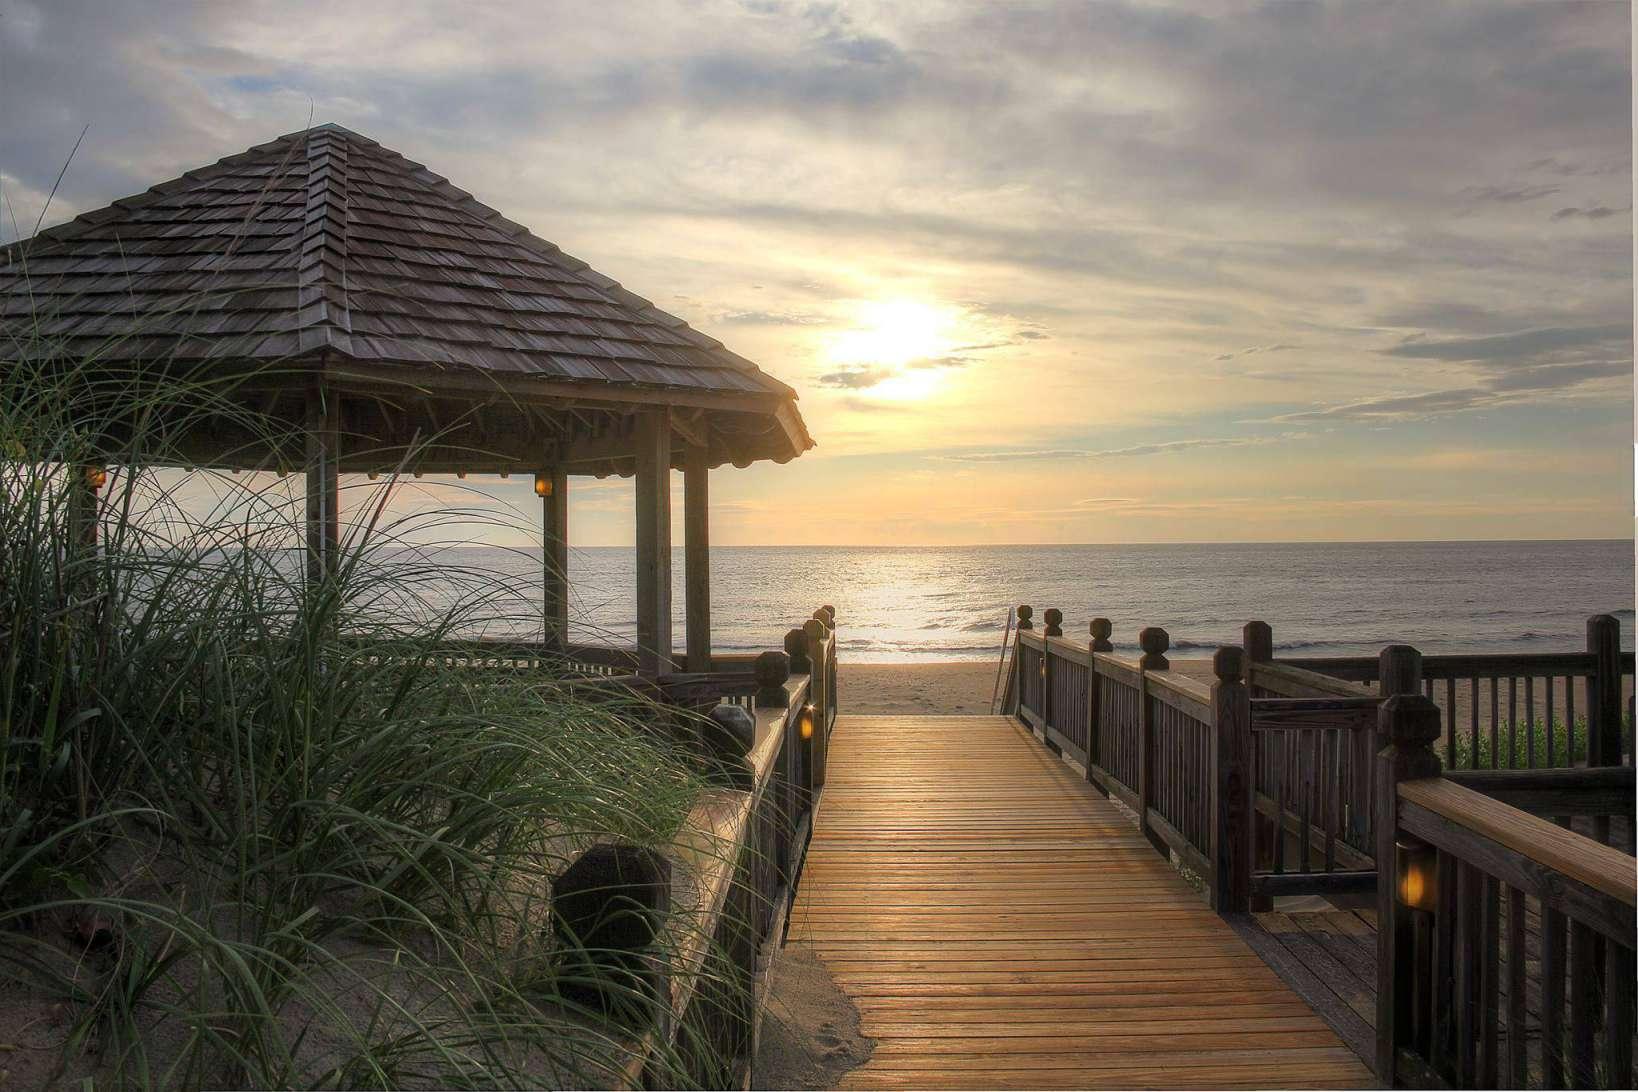 obx-beach-pic-3